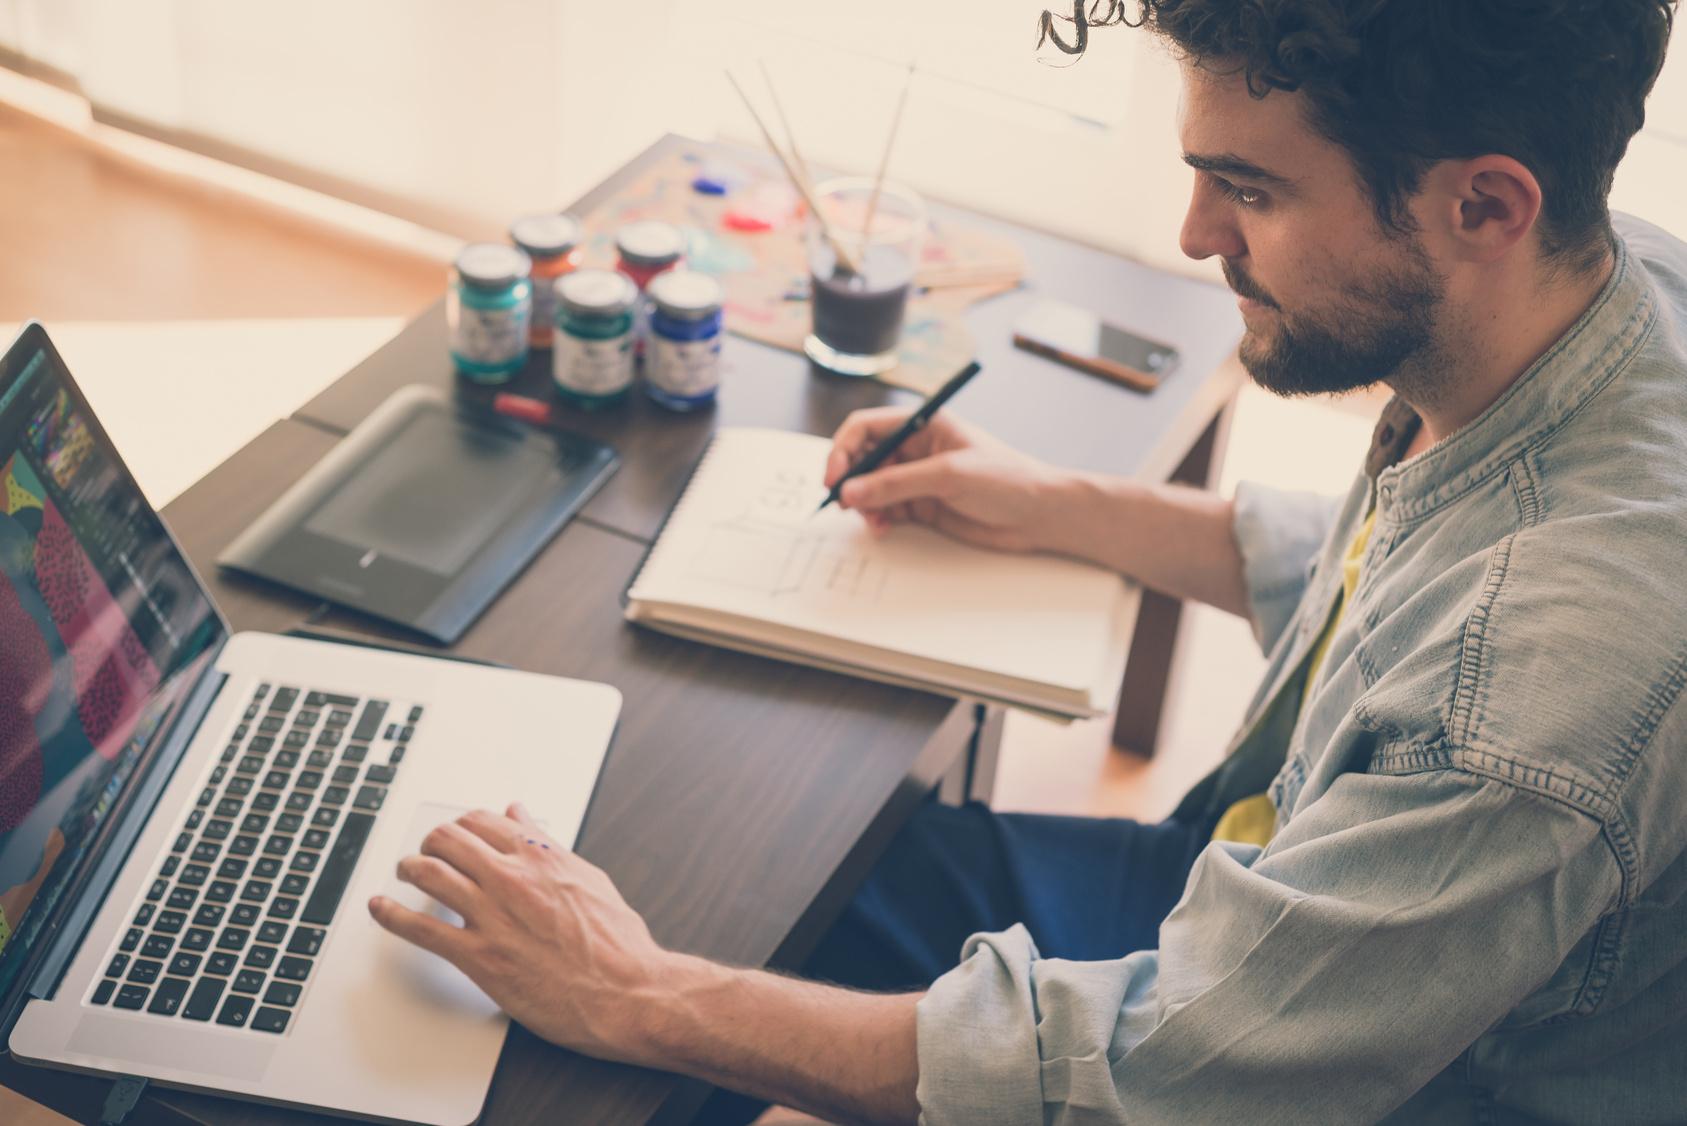 Работа онлайн предоставляет много удобств. Фото: forbes.com